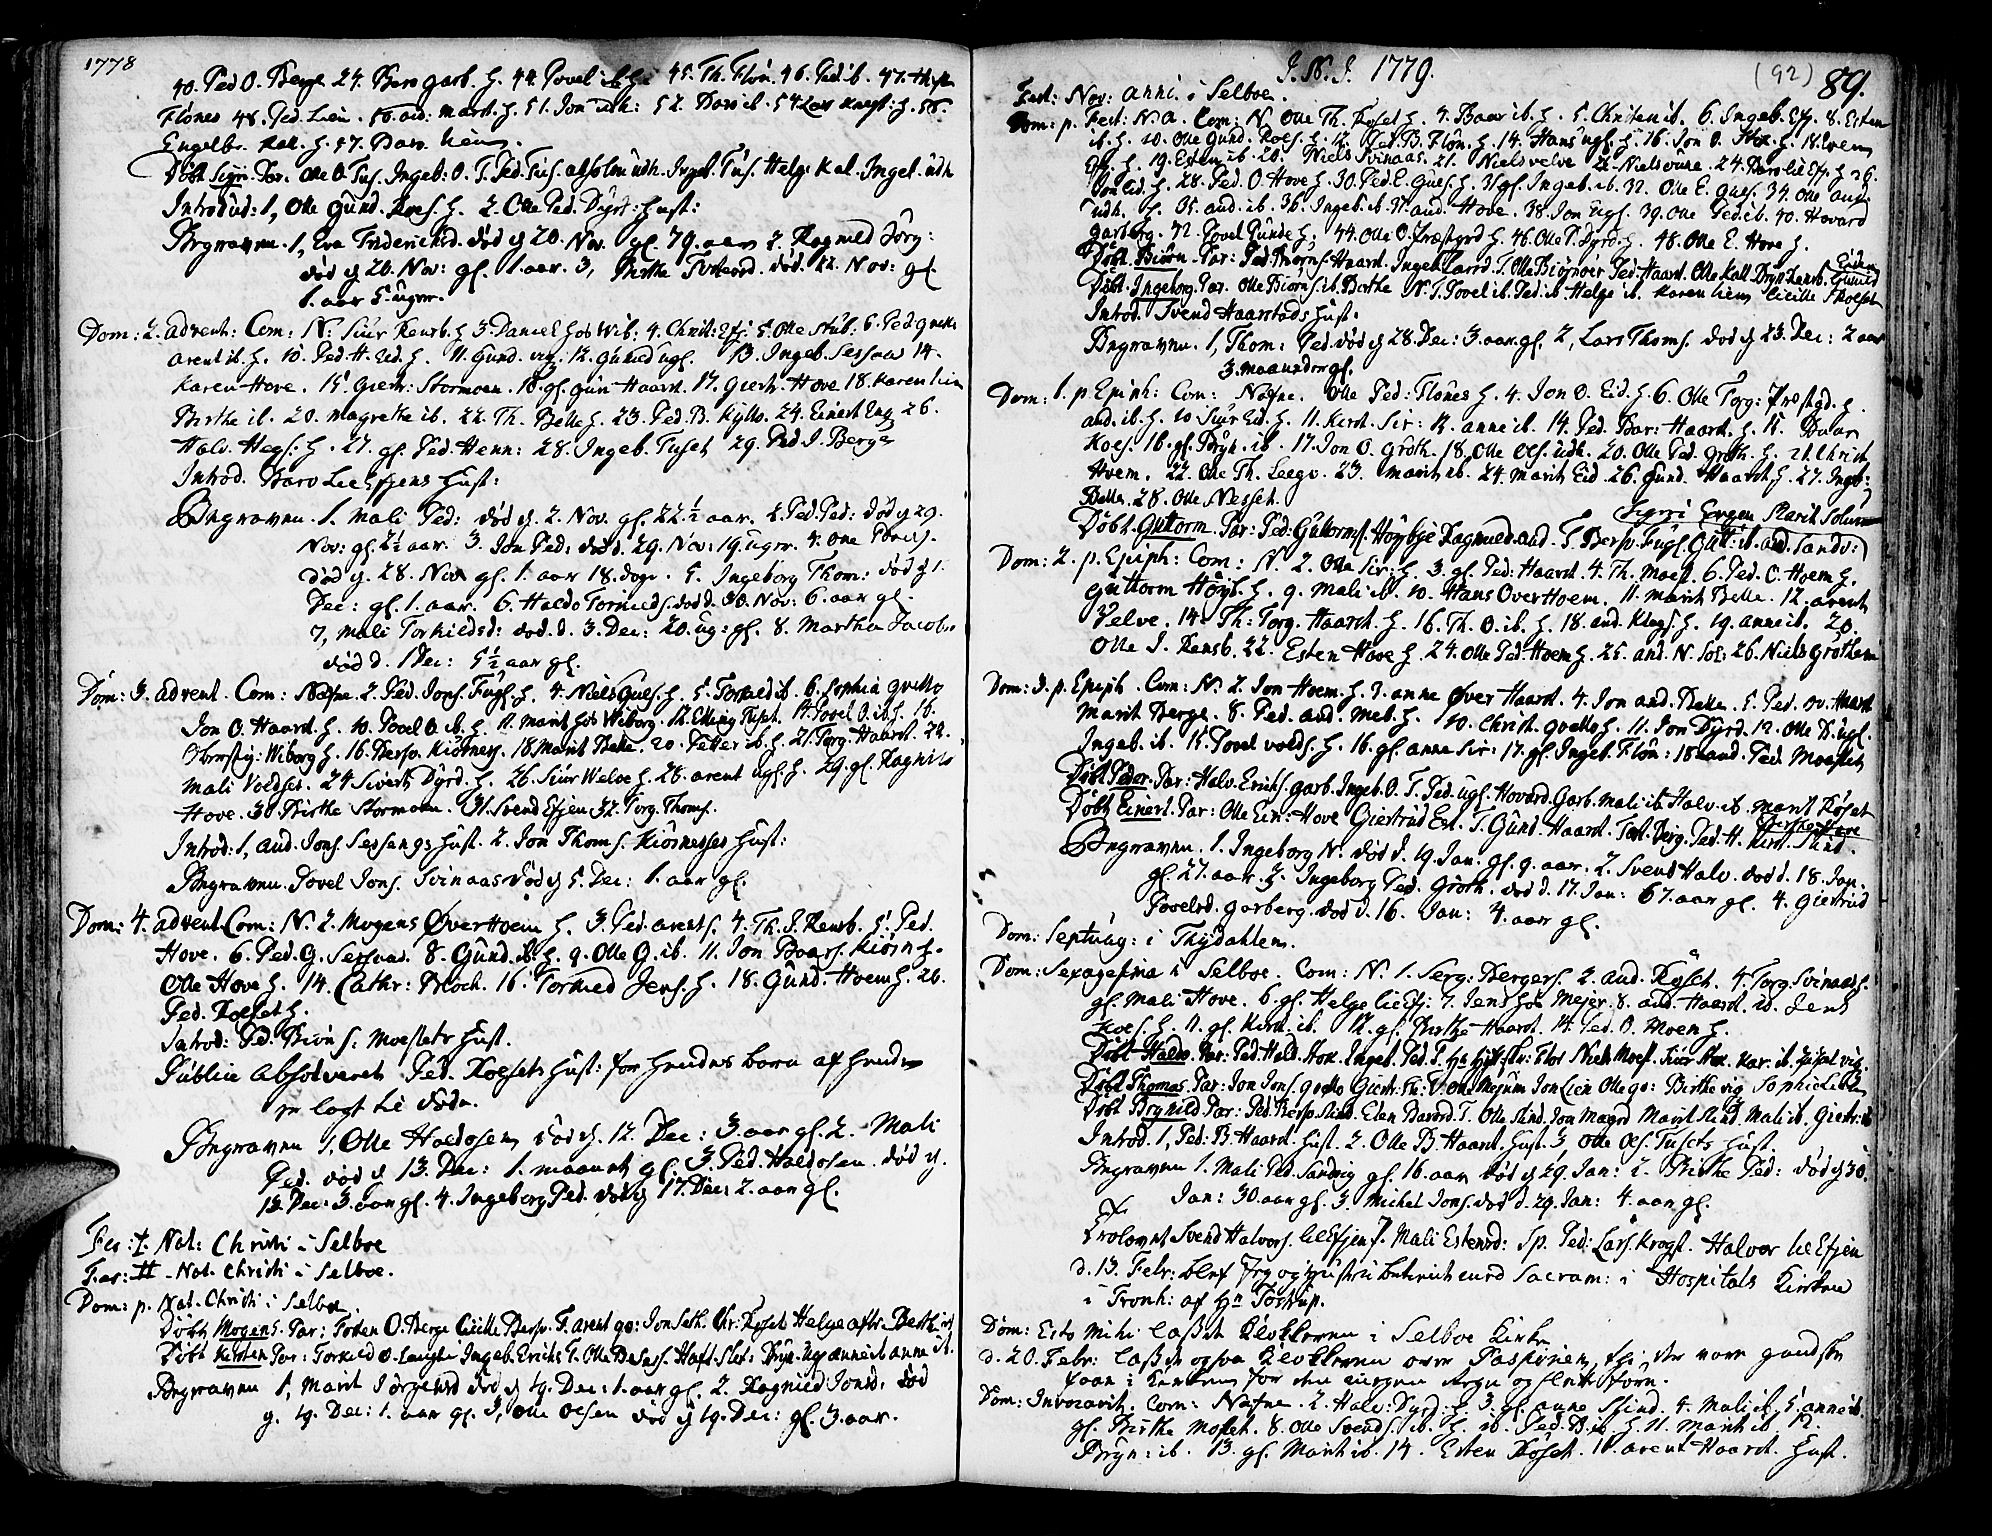 SAT, Ministerialprotokoller, klokkerbøker og fødselsregistre - Sør-Trøndelag, 695/L1138: Ministerialbok nr. 695A02 /1, 1757-1801, s. 92